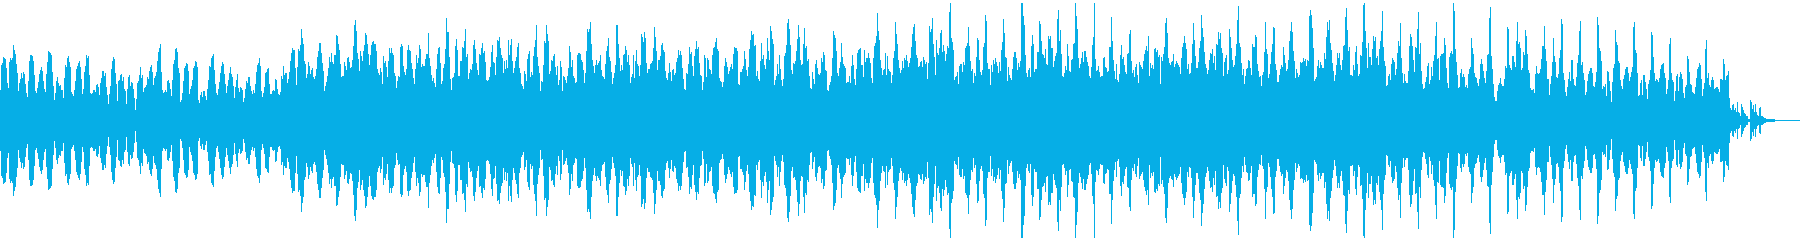 儚く、迷いのある雰囲気のBGMの再生済みの波形